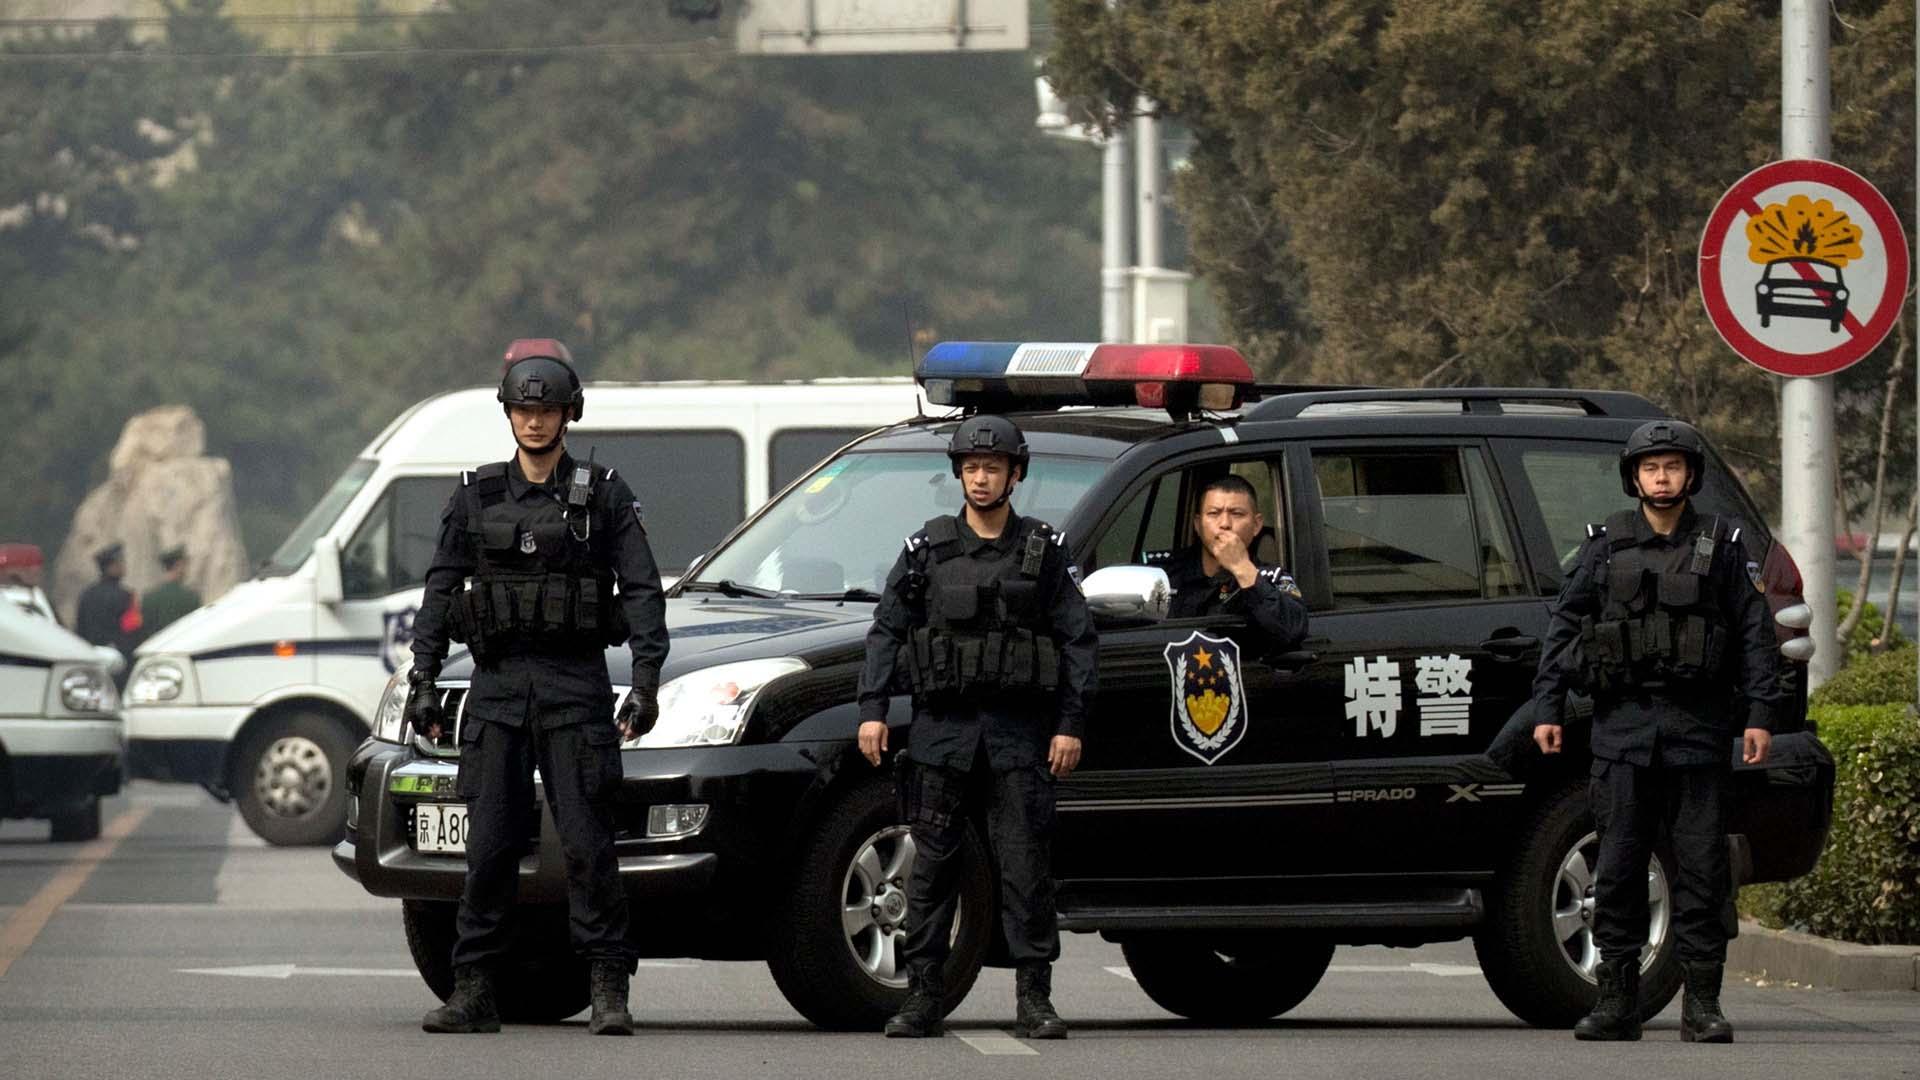 Las autoridades aún desconocer el motivo que llevó a la fémina a perpetrar el ataque